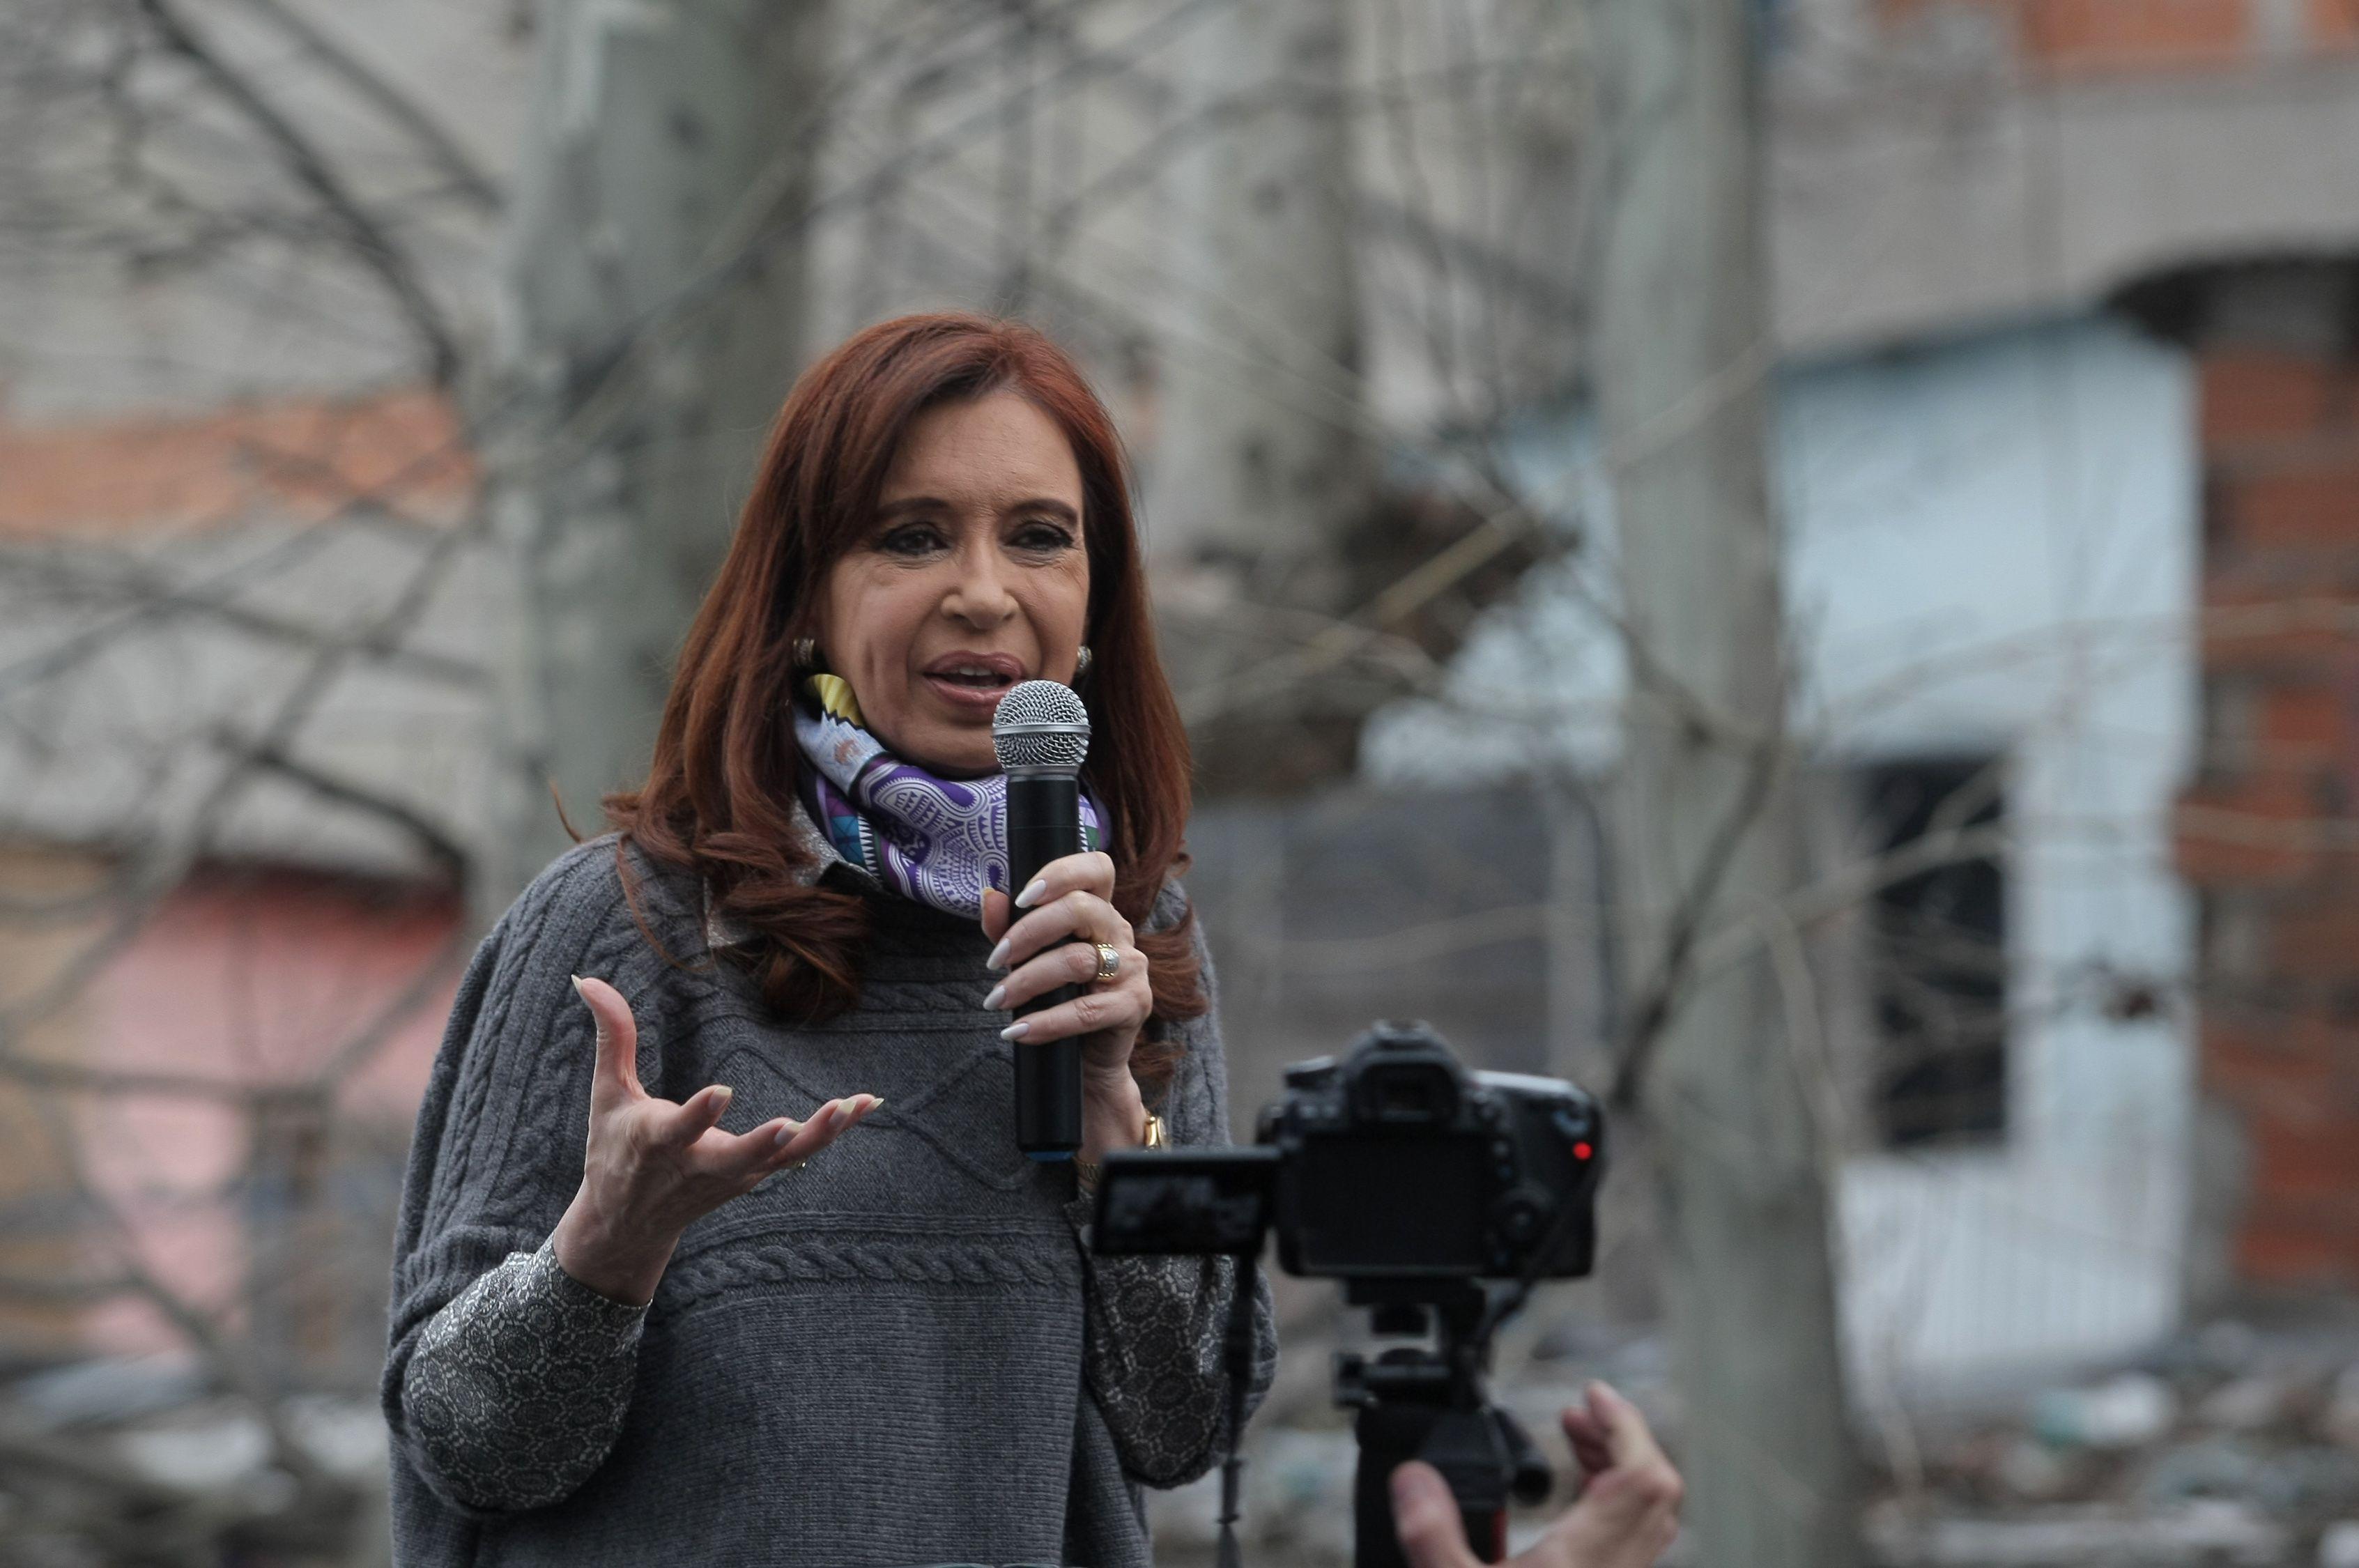 Piden indagatoria a Cristina por irregularidades en la obra pública